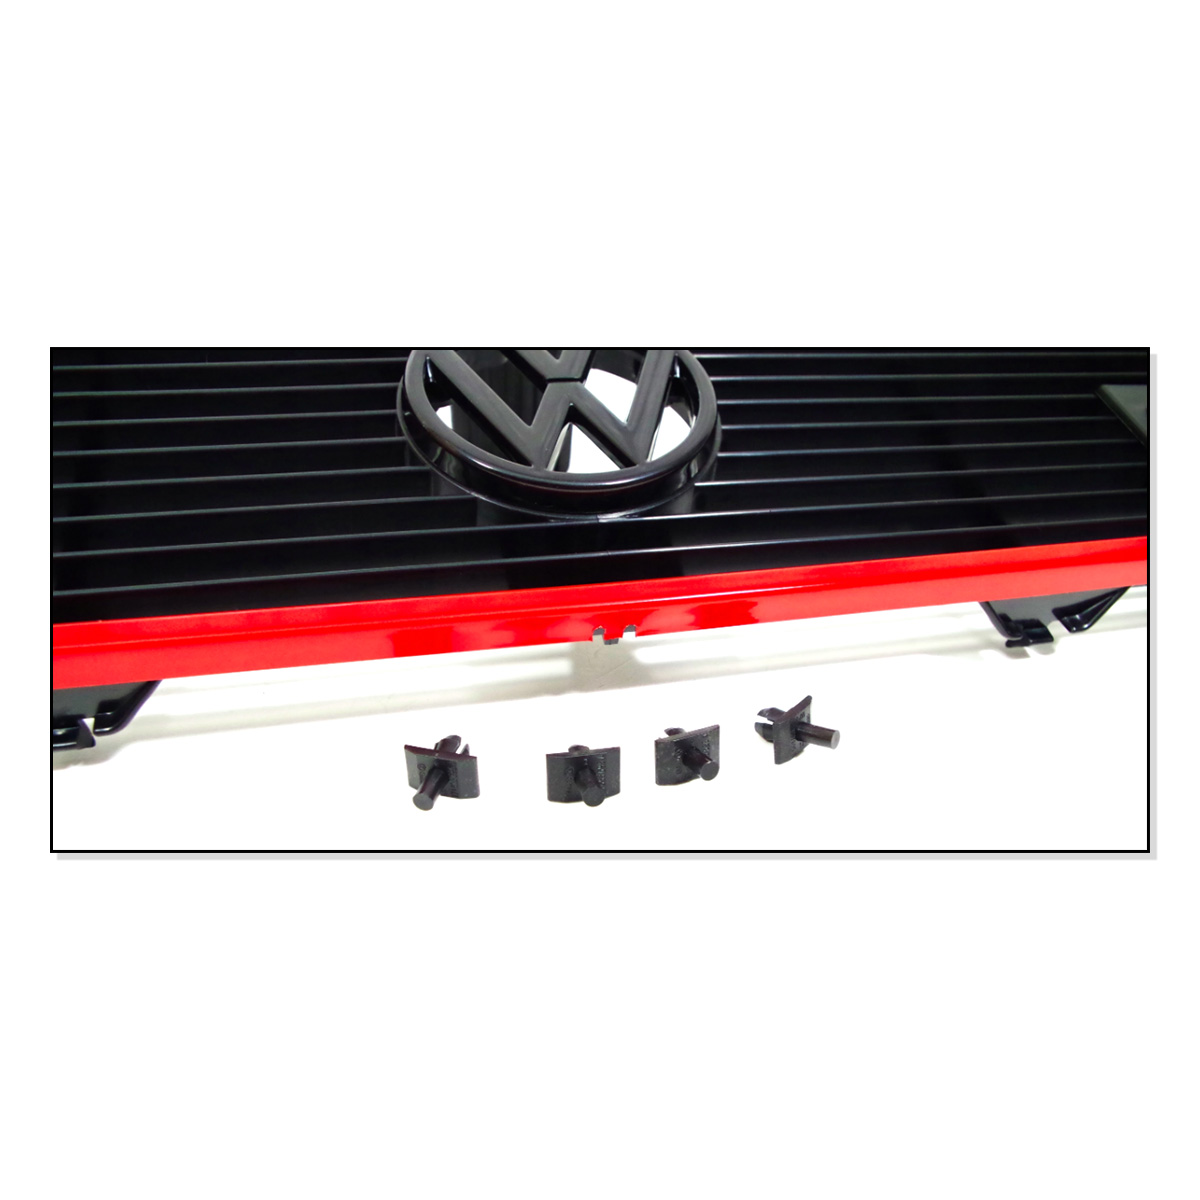 171853653L Grill (Kompletny) Pakiet GTI VW Golf 1, Caddy 1